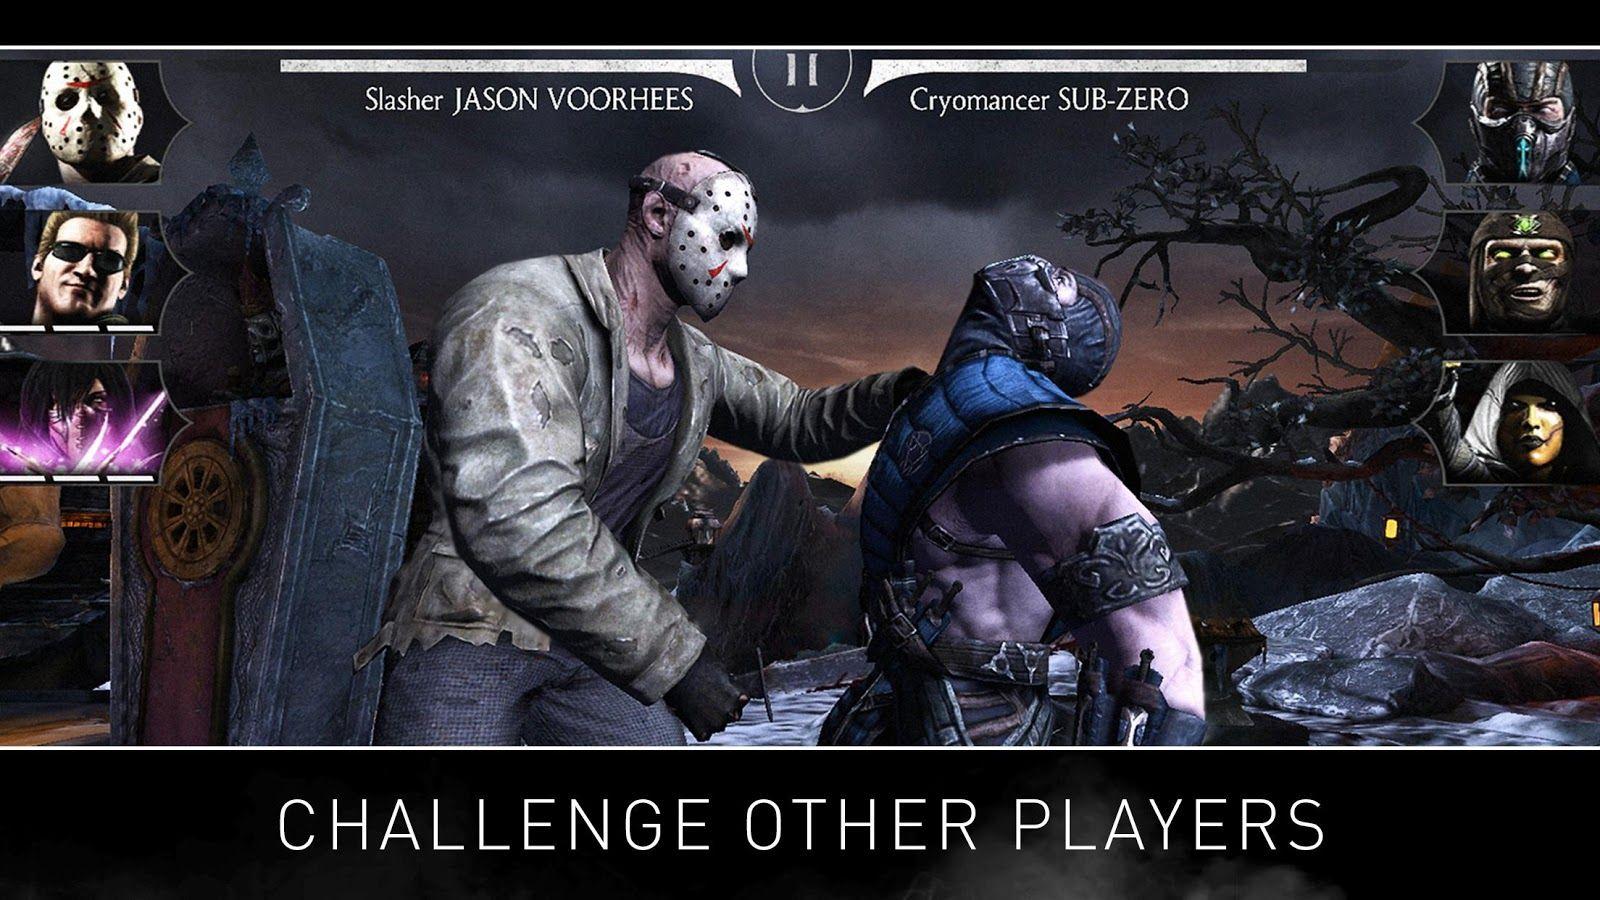 8339a00135c2ac68c5463d9eb267cb0b - How To Get All Characters In Mortal Kombat Xl